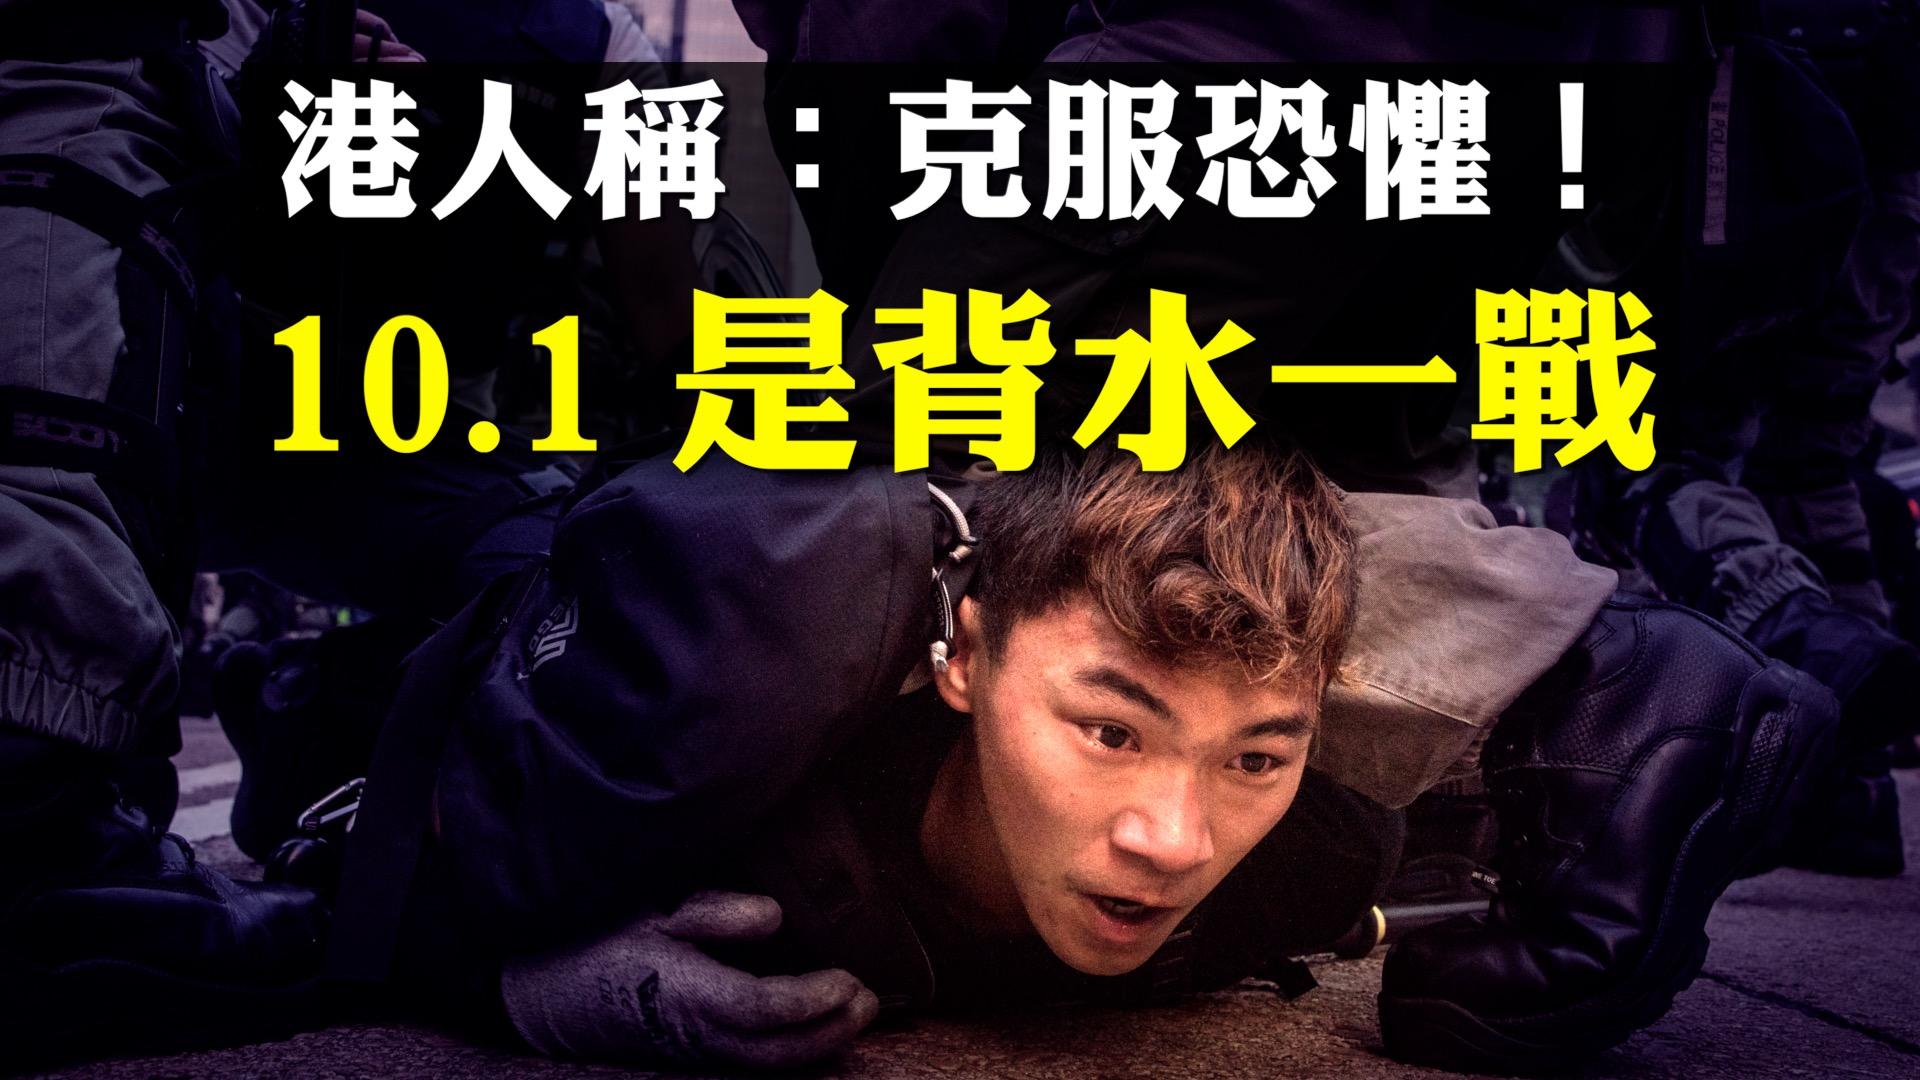 10.1香港系列反送中活動,10.1前反極權活動全球連線,當天香港「大抓捕」未嚇退示威者。(Getty image/大紀元合成)